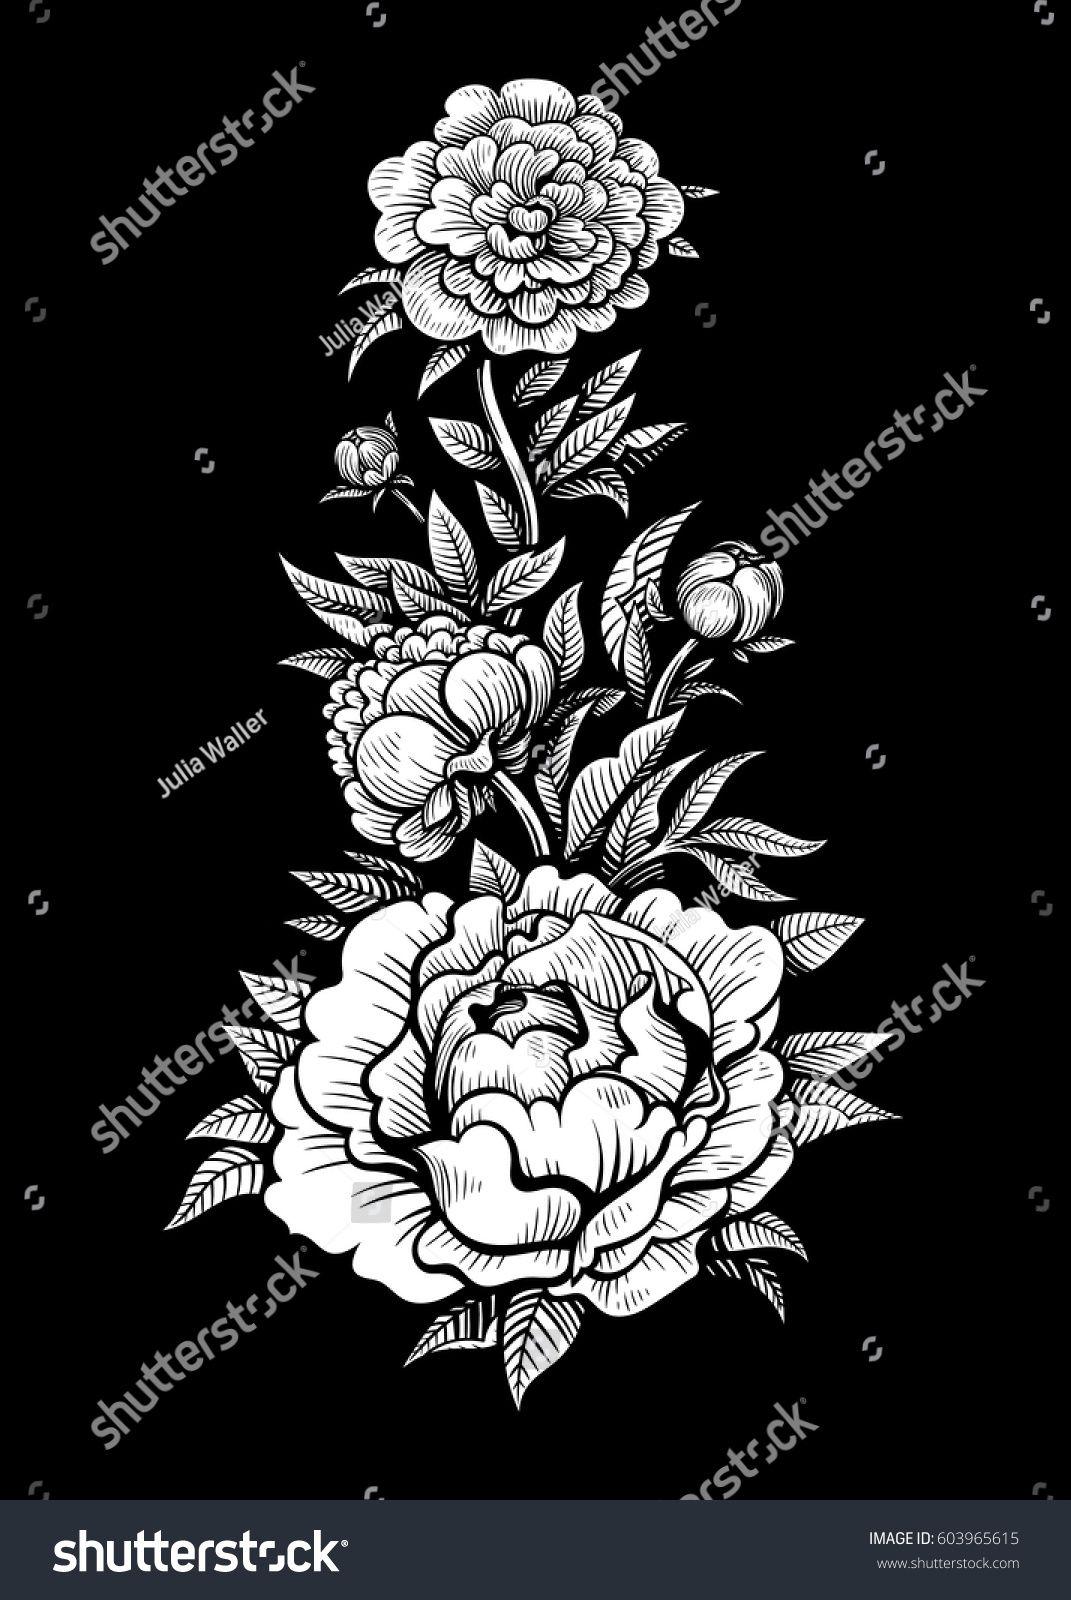 Vector De Flores Preto E Branco Tatuagem Em Fundo Preto